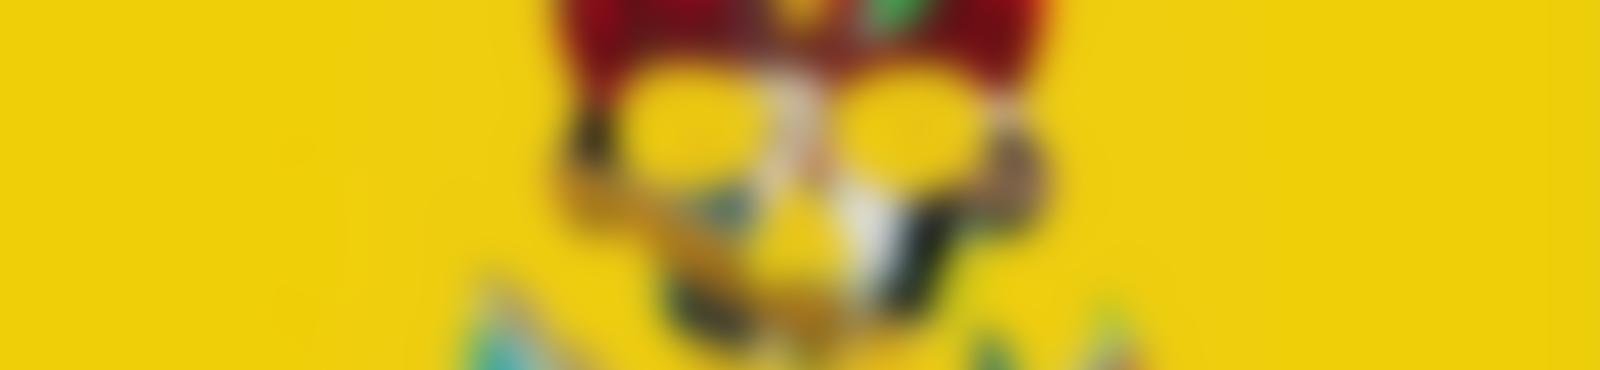 Blurred dcf9176b 23a1 4db6 8713 8bce707fe32f